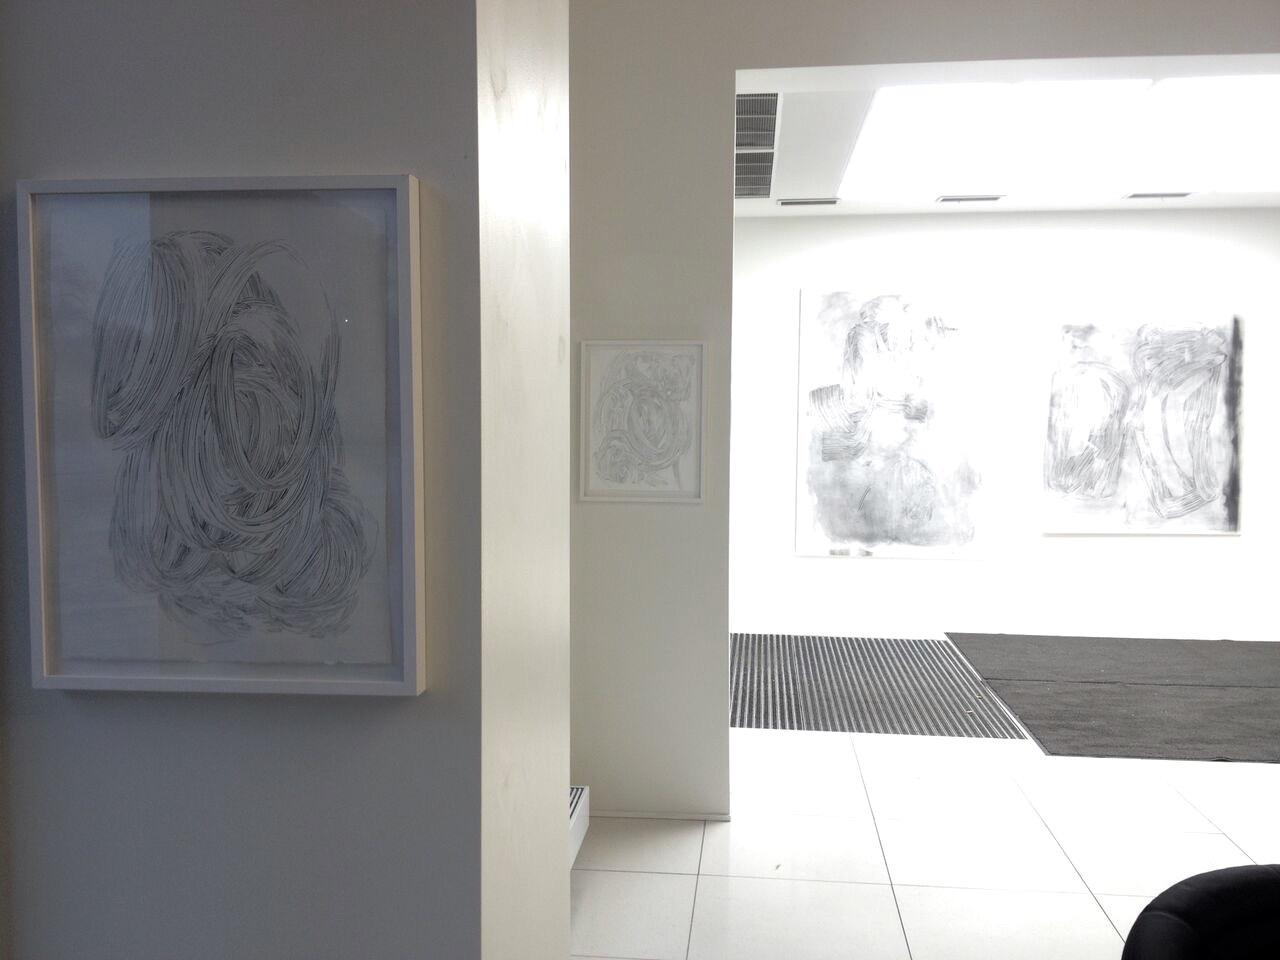 Pelikan, 2015 (TM51 Window Gallery)